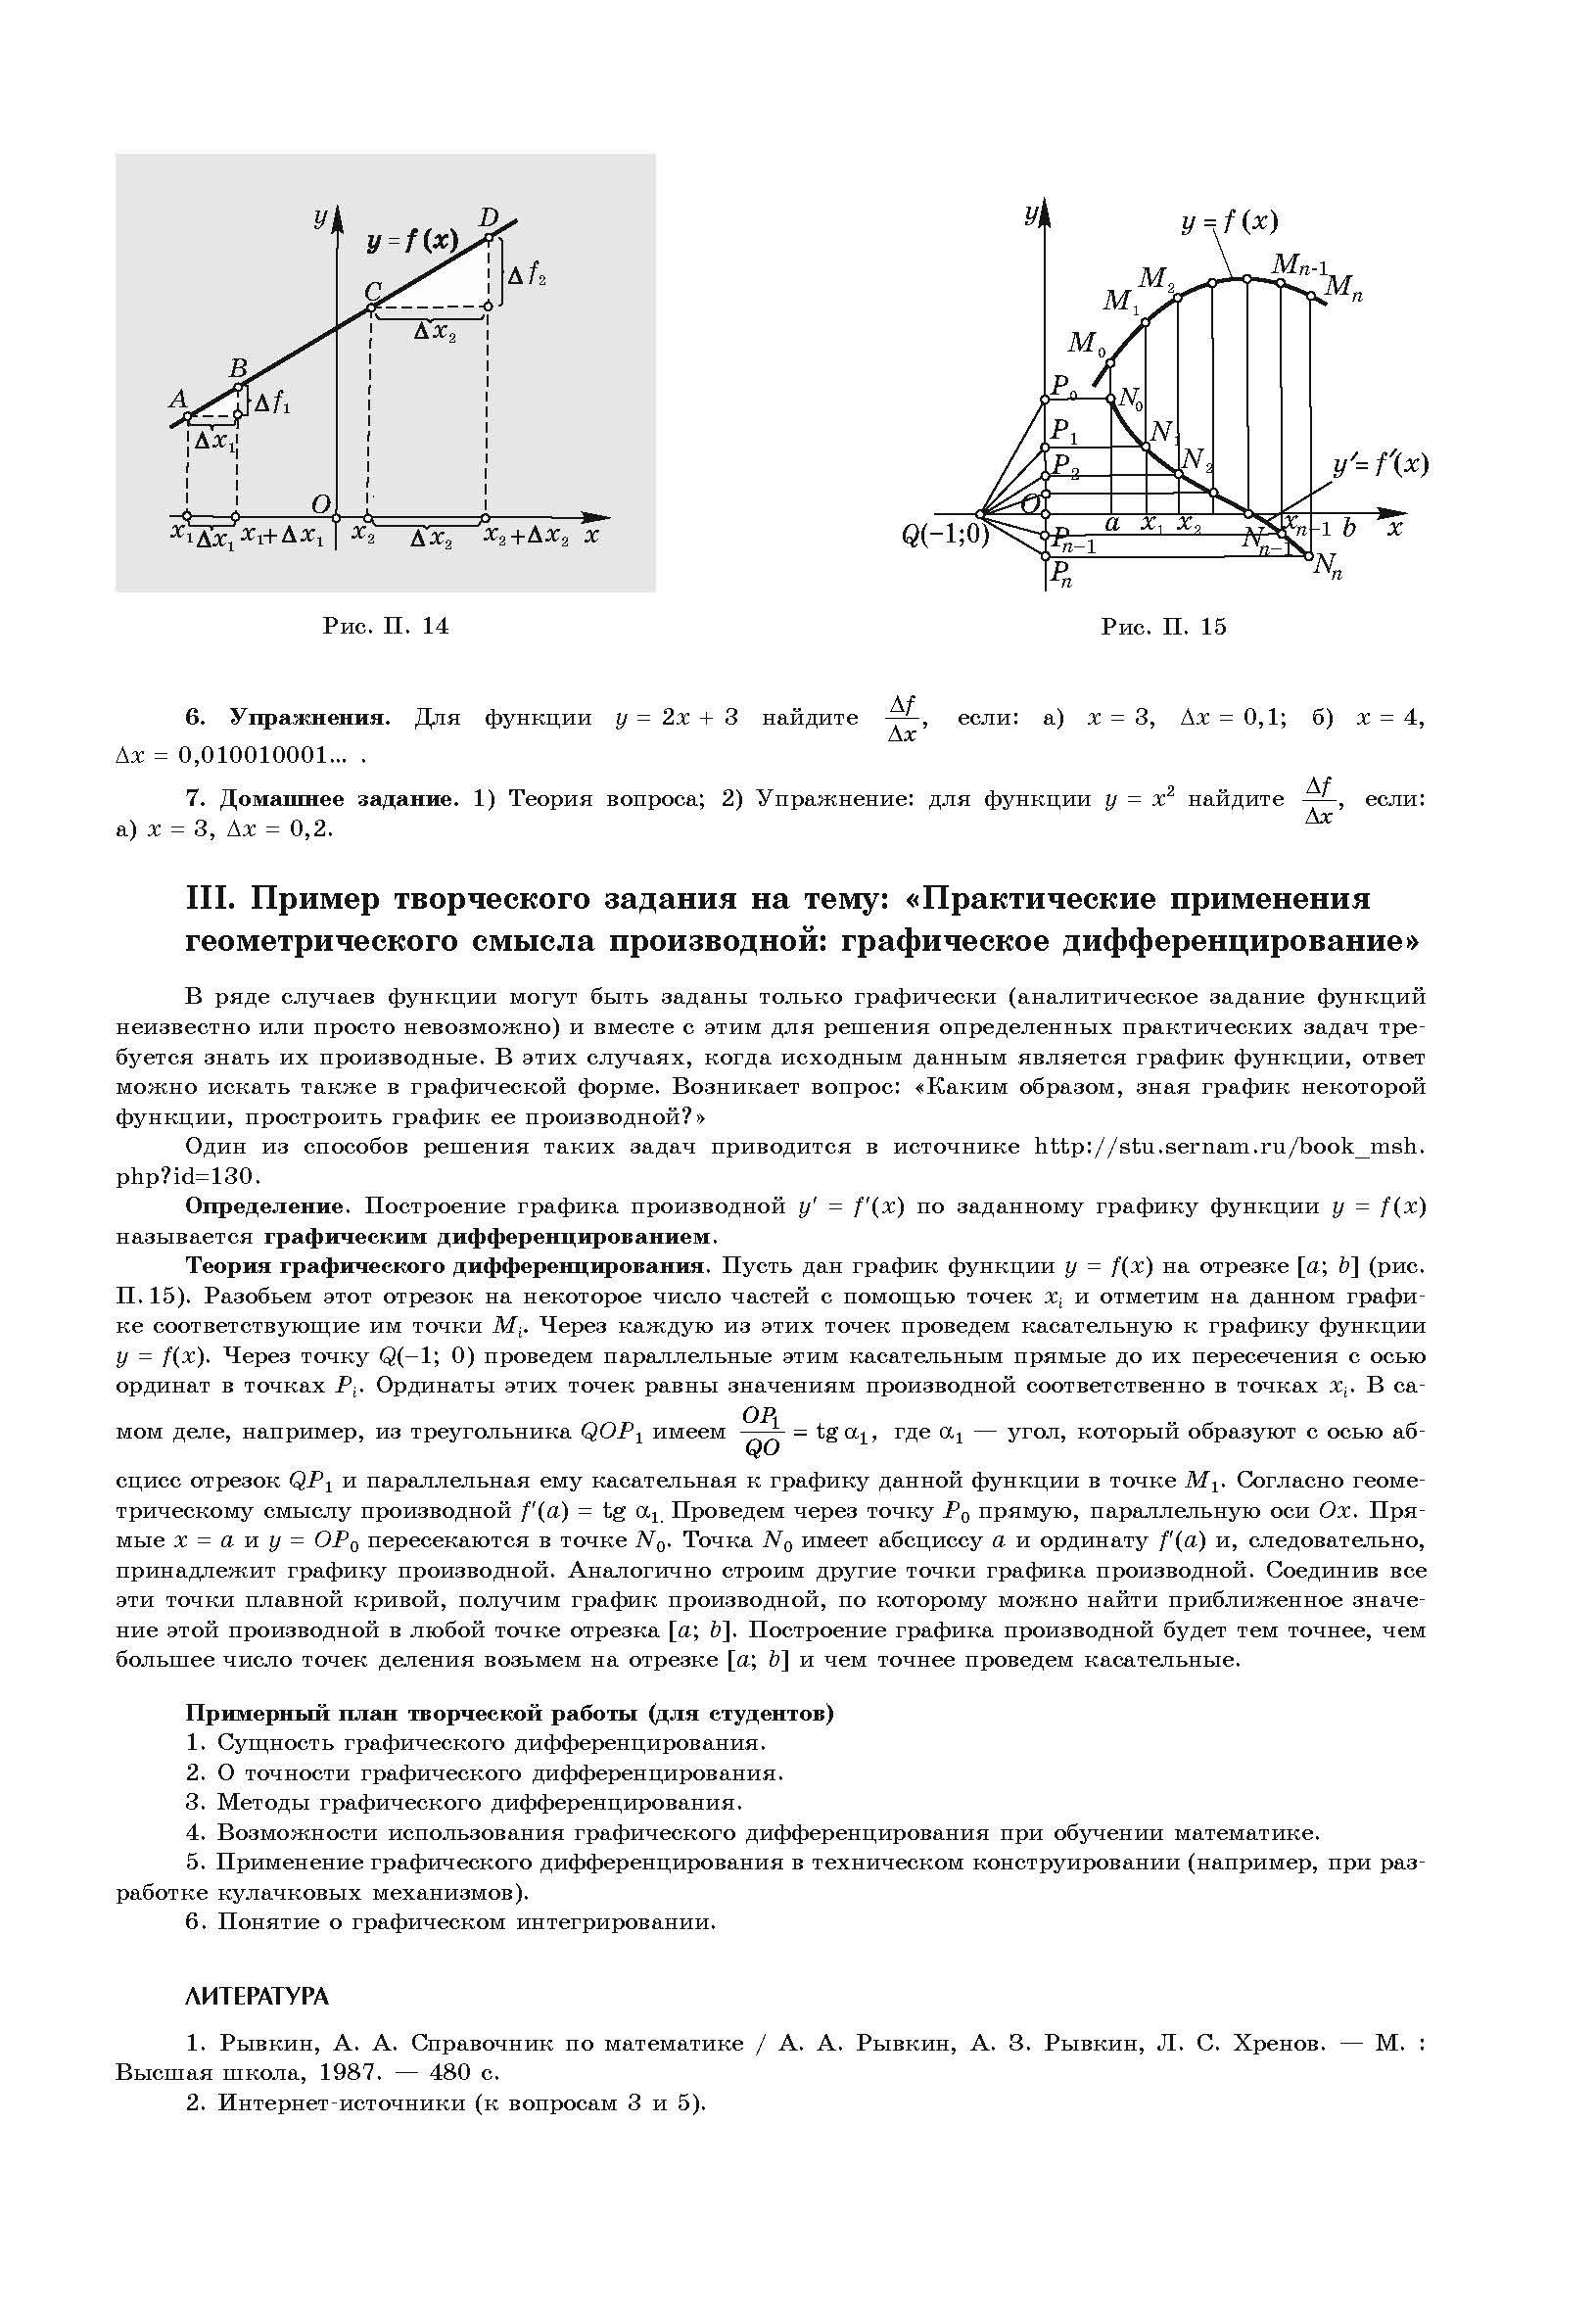 Методика преподавания математики. Часть 2 (В двух частях)